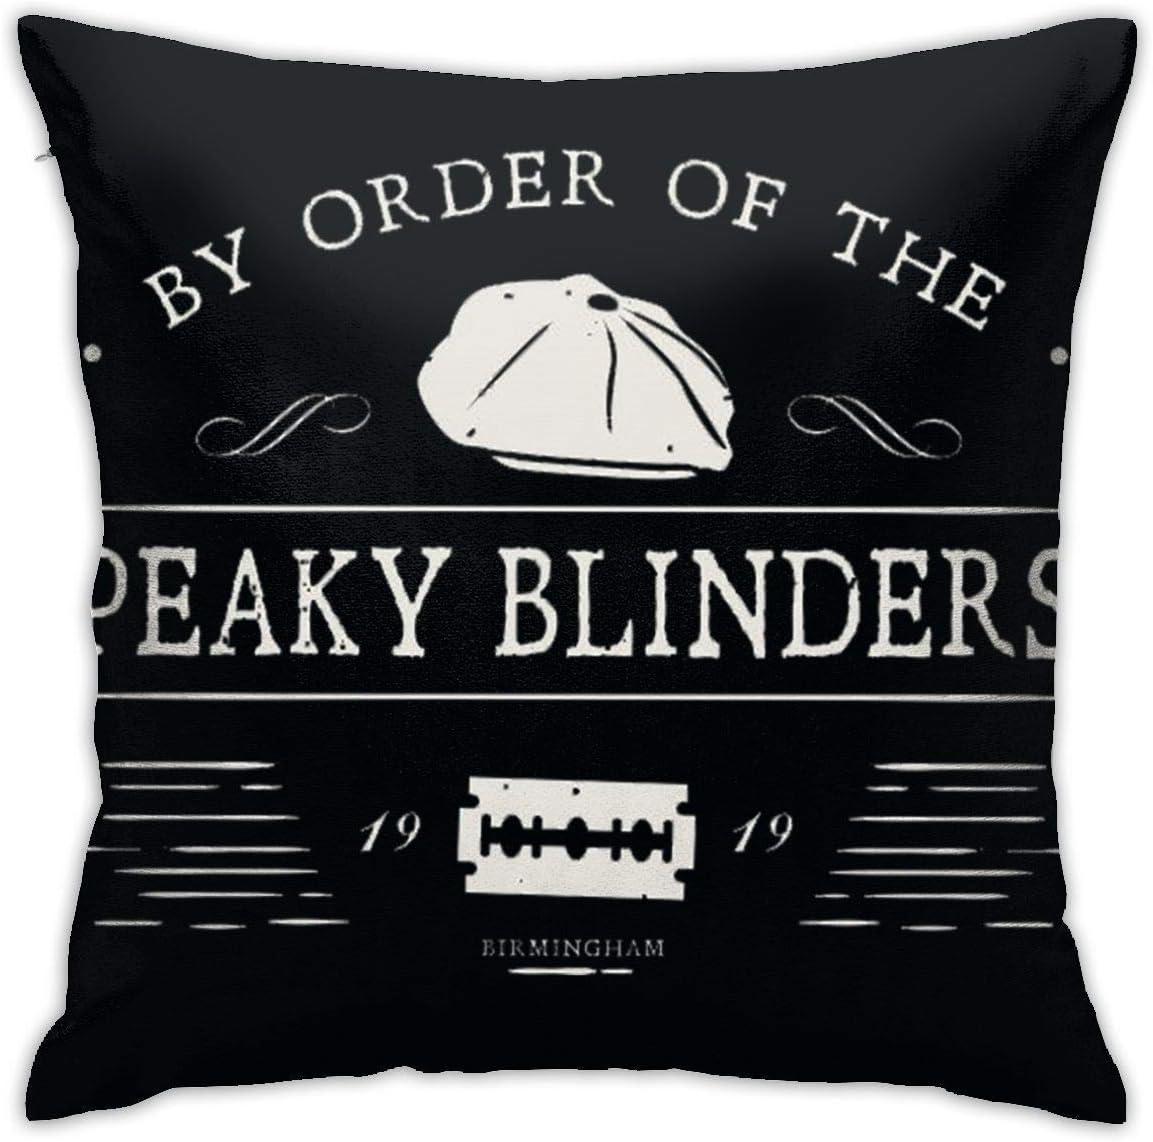 XIANG-XIANG Shelby Company by Order of The Peaky Blinders Fundas de Almohada Estampadas cuadradas, Fundas de Almohada con Cremallera Oculta, 100% poliéster: Amazon.es: Hogar